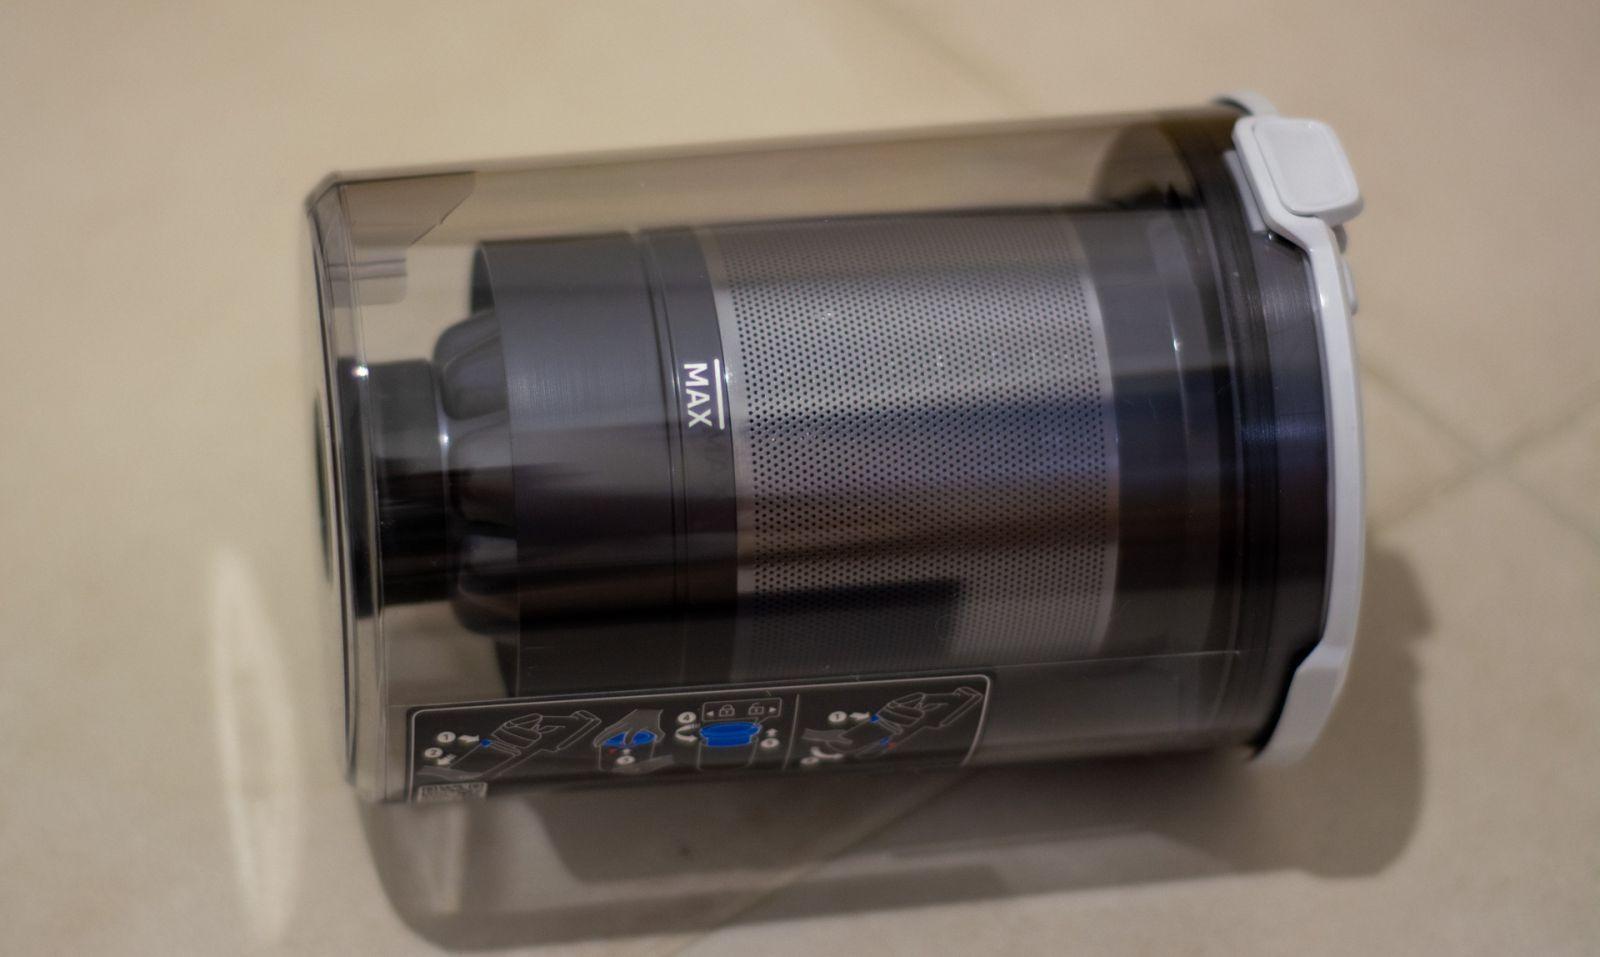 Обзор пылесоса Samsung Jet Light VS90E. Идеальная чистота (dsc 8155)